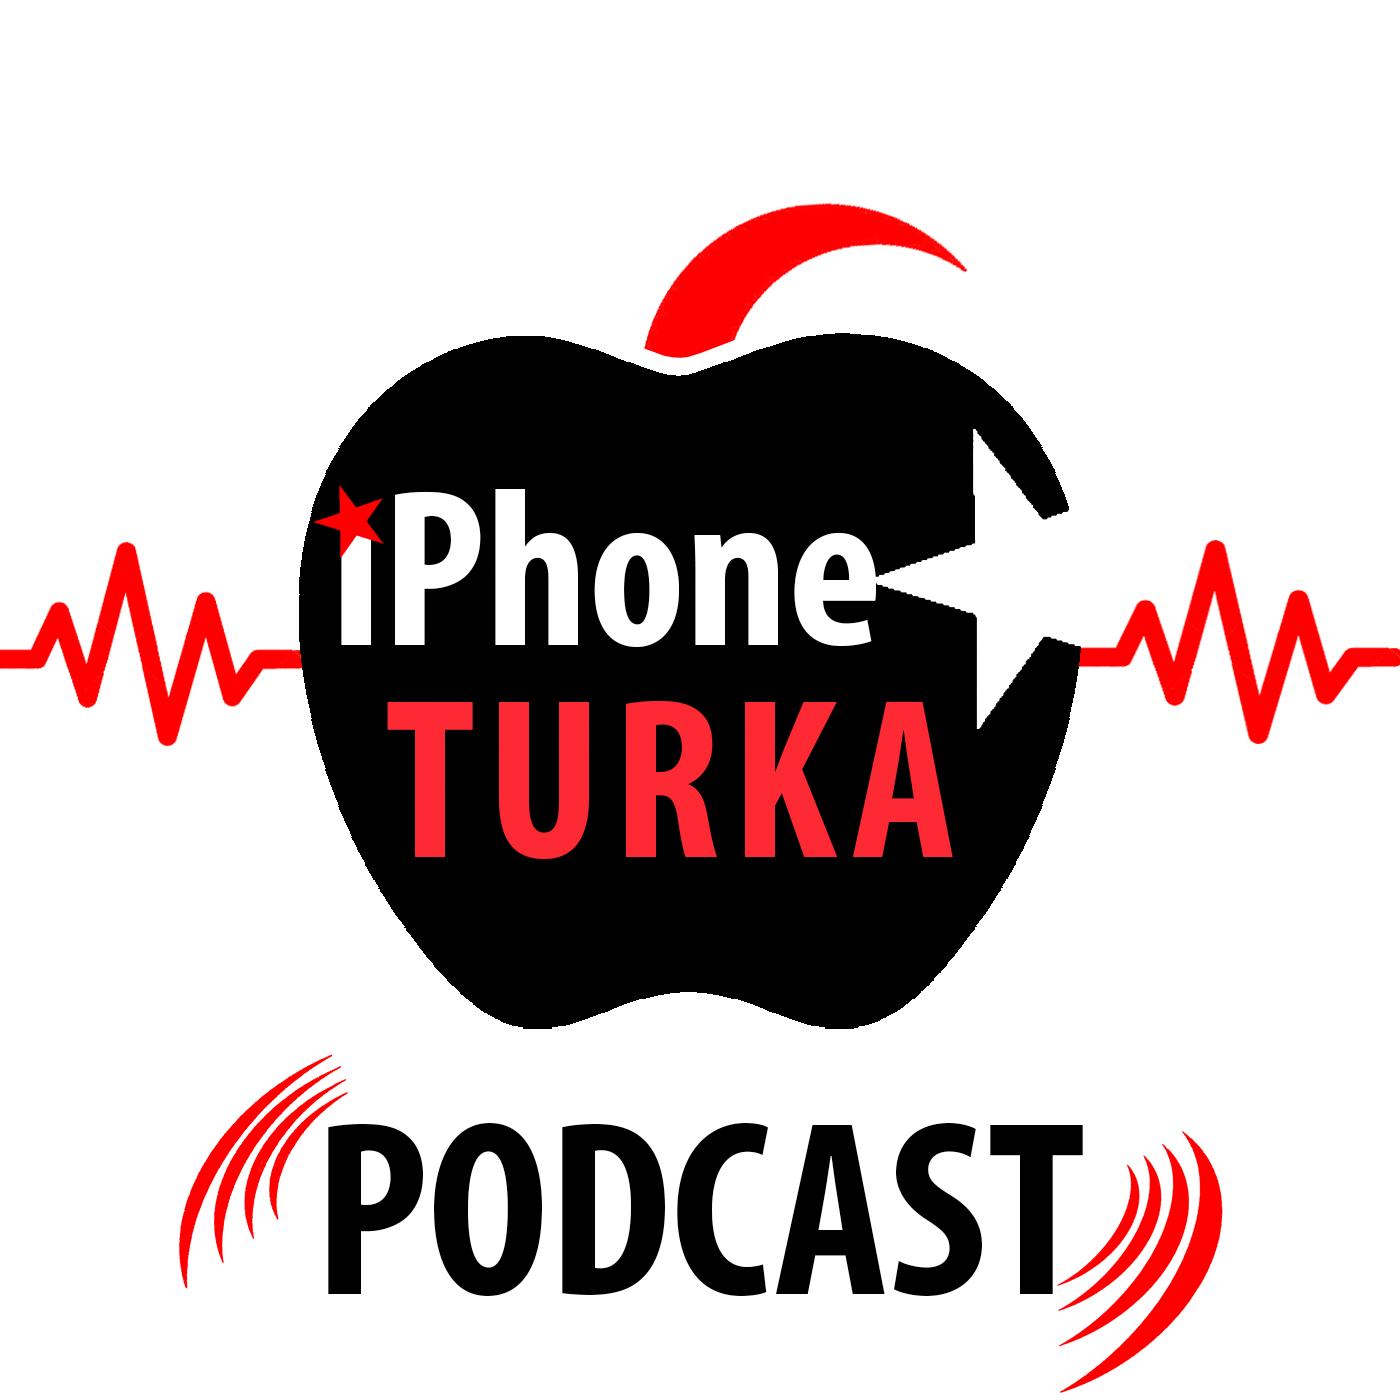 Podcast Episode #Special Edition: iPhone 7 Türkçe İnceleme En iyi ve En kötü 5 özellik